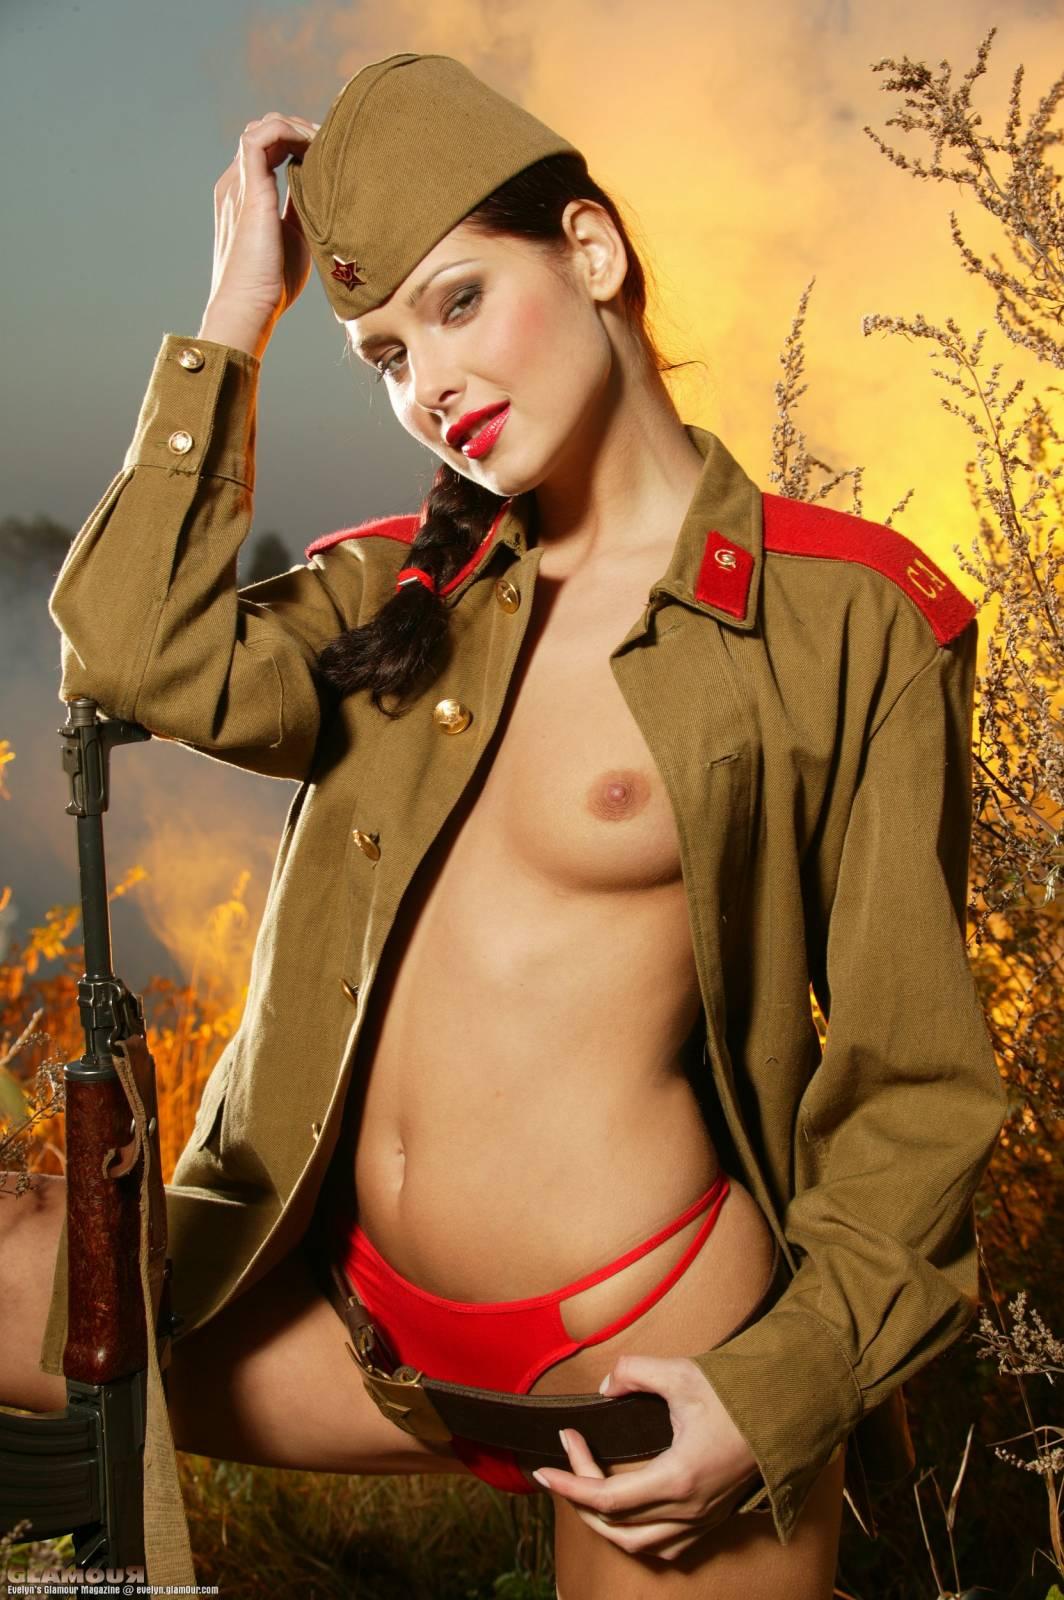 сайте транслируется интим фото в военной форме нравится подносить сюрпризы